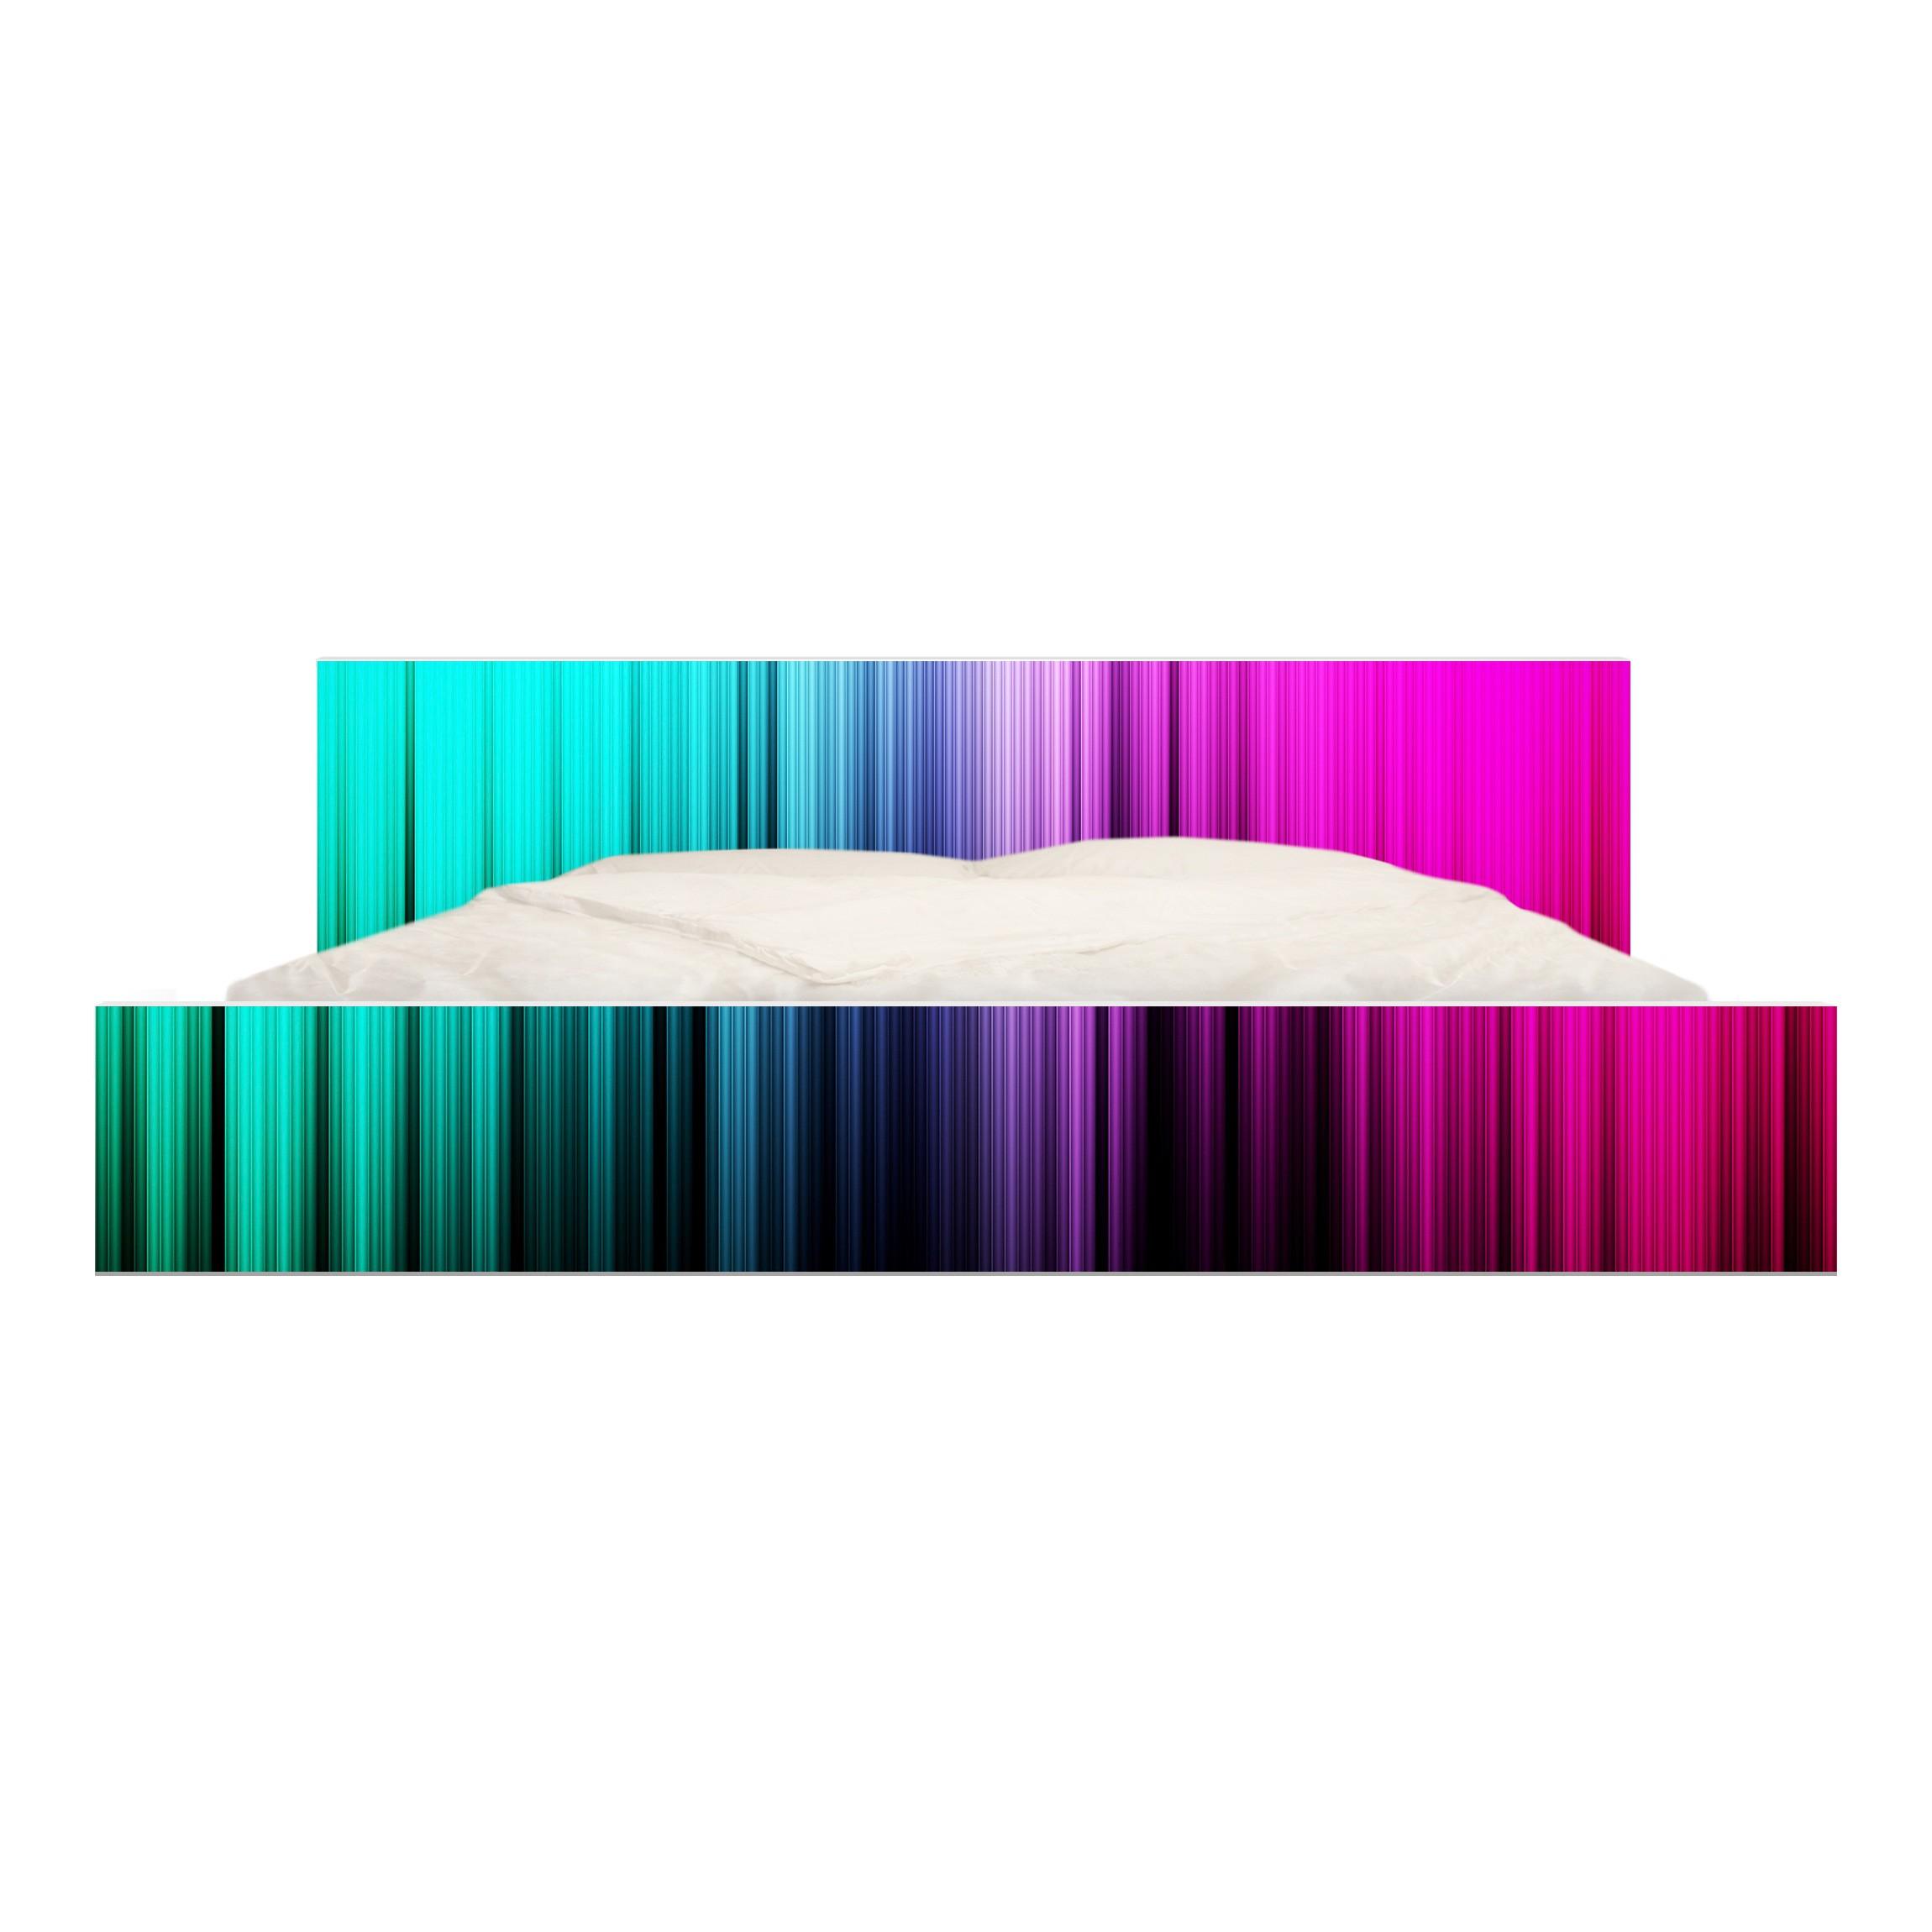 Carta adesiva per mobili ikea malm letto basso 180x200cm rainbow display - Carta adesiva colorata per mobili ...